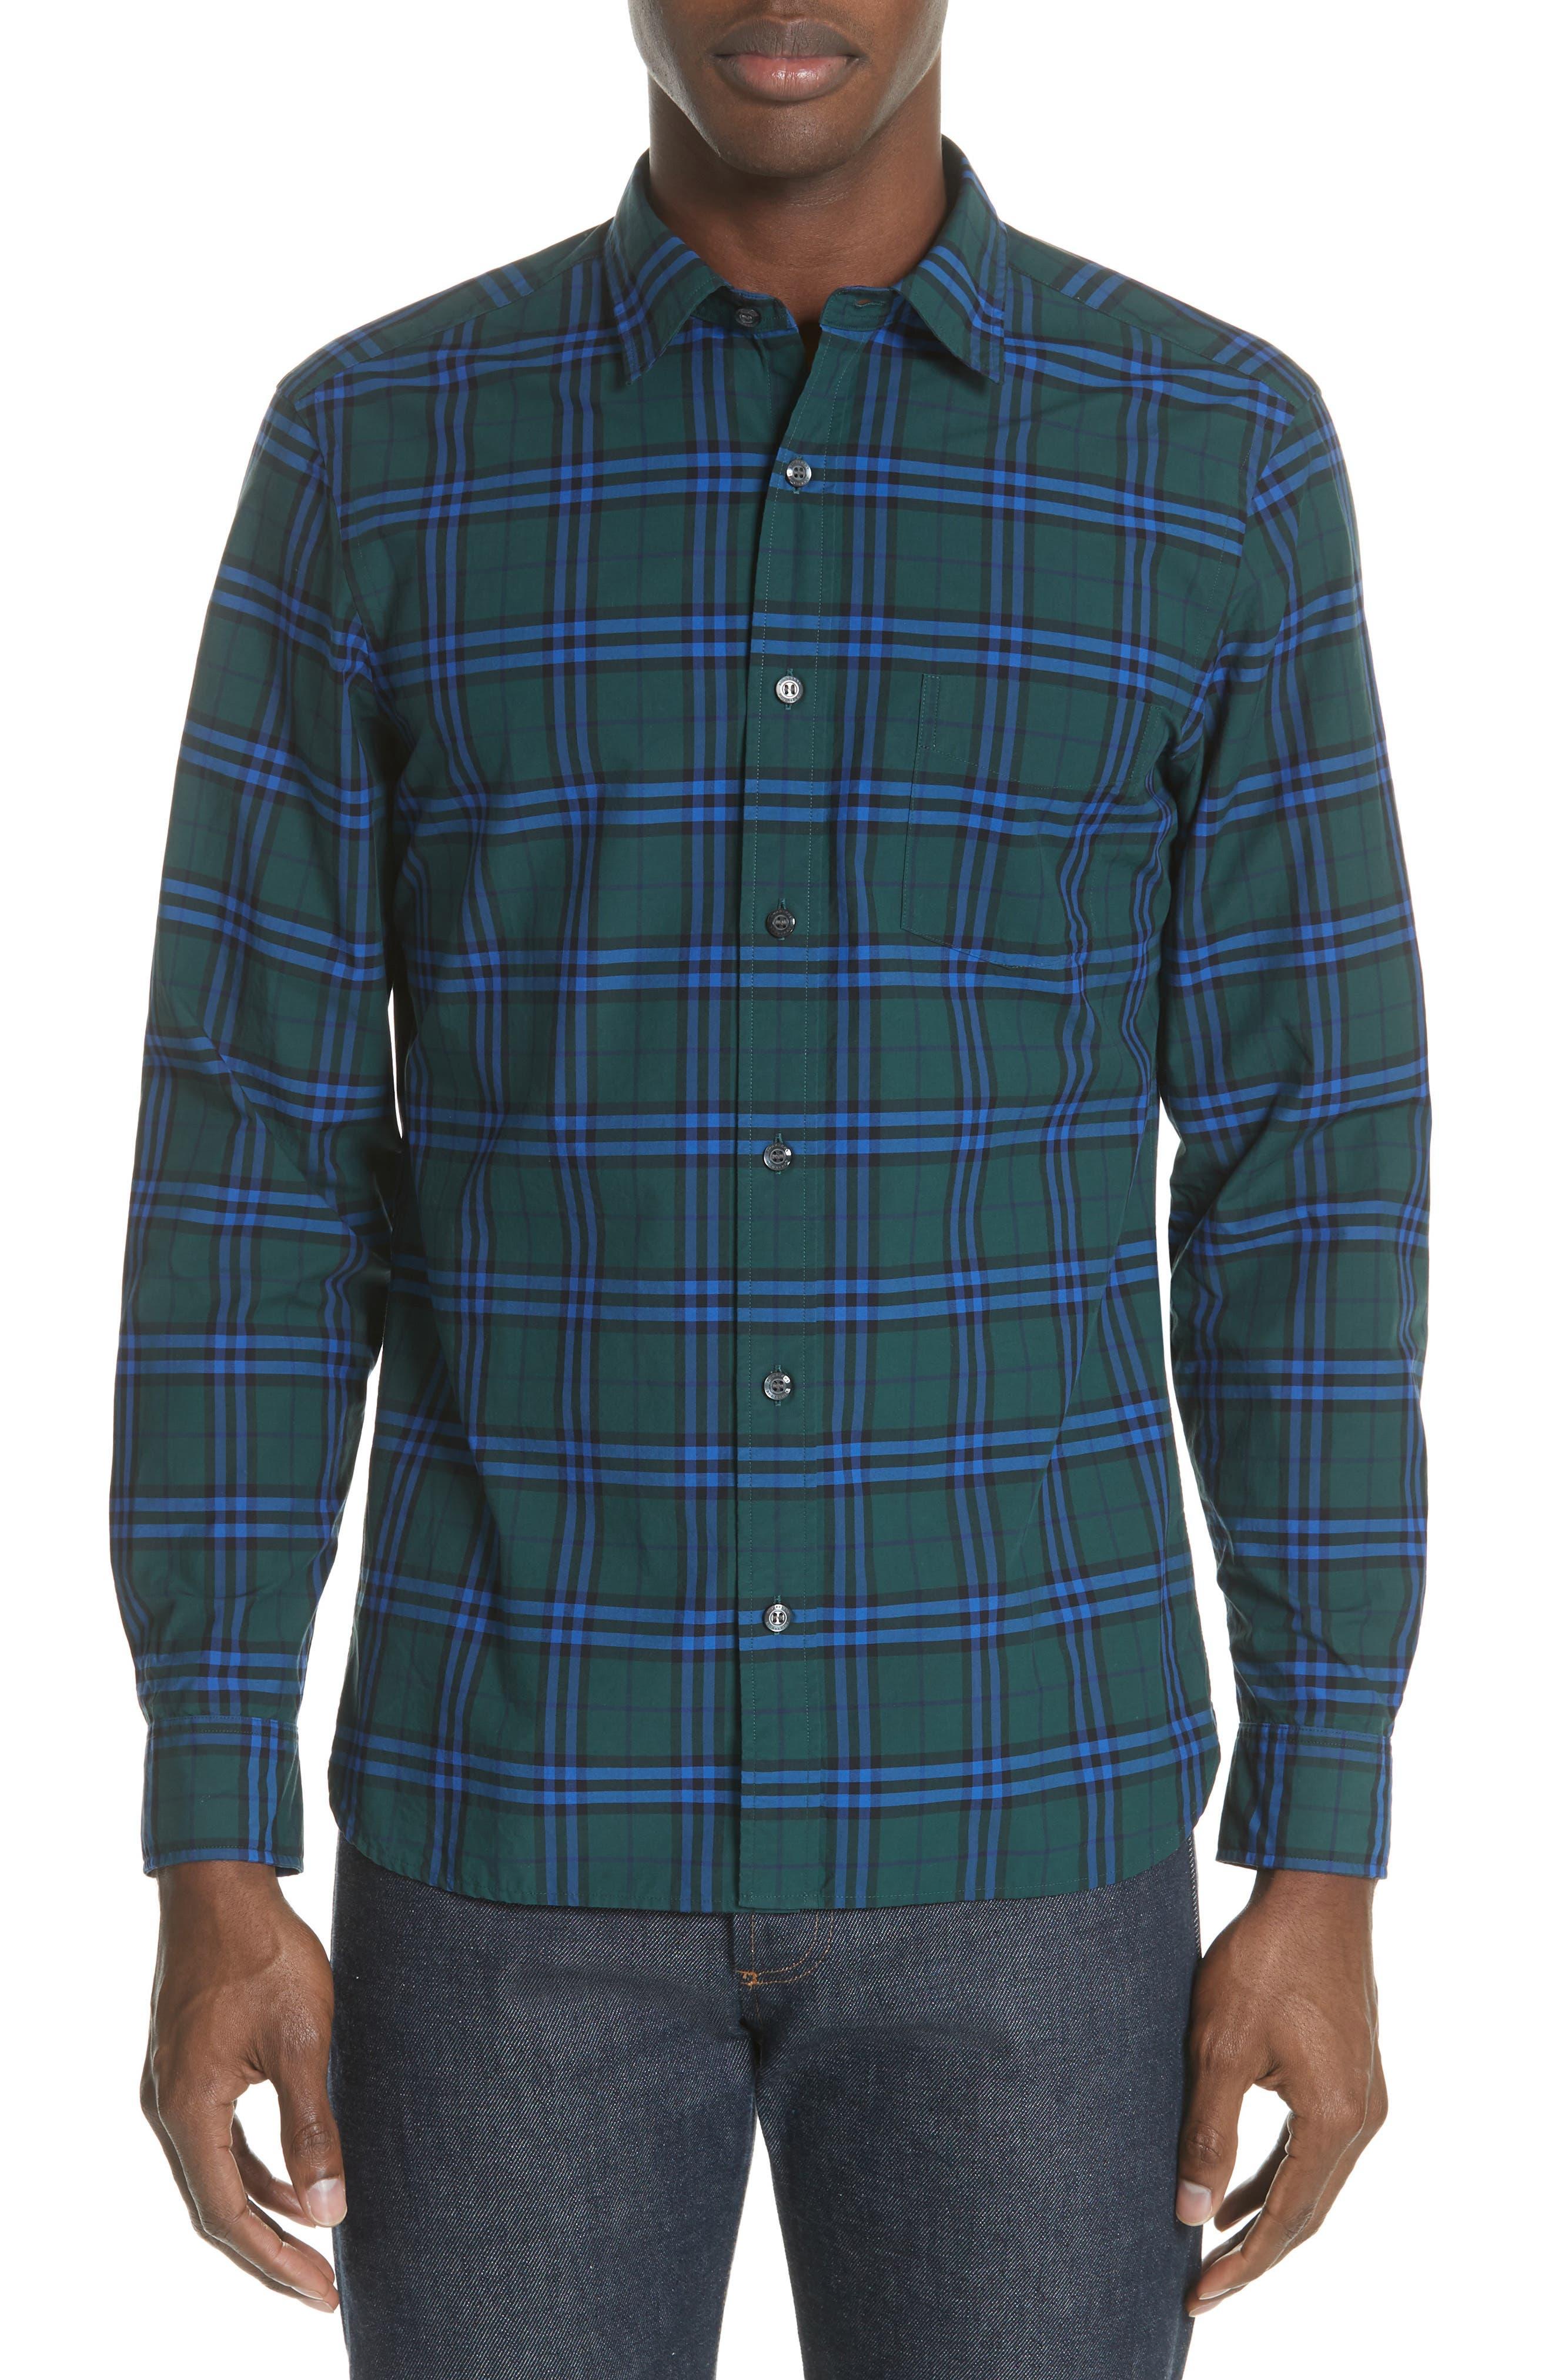 Alexander Check Sport Shirt,                             Main thumbnail 1, color,                             341